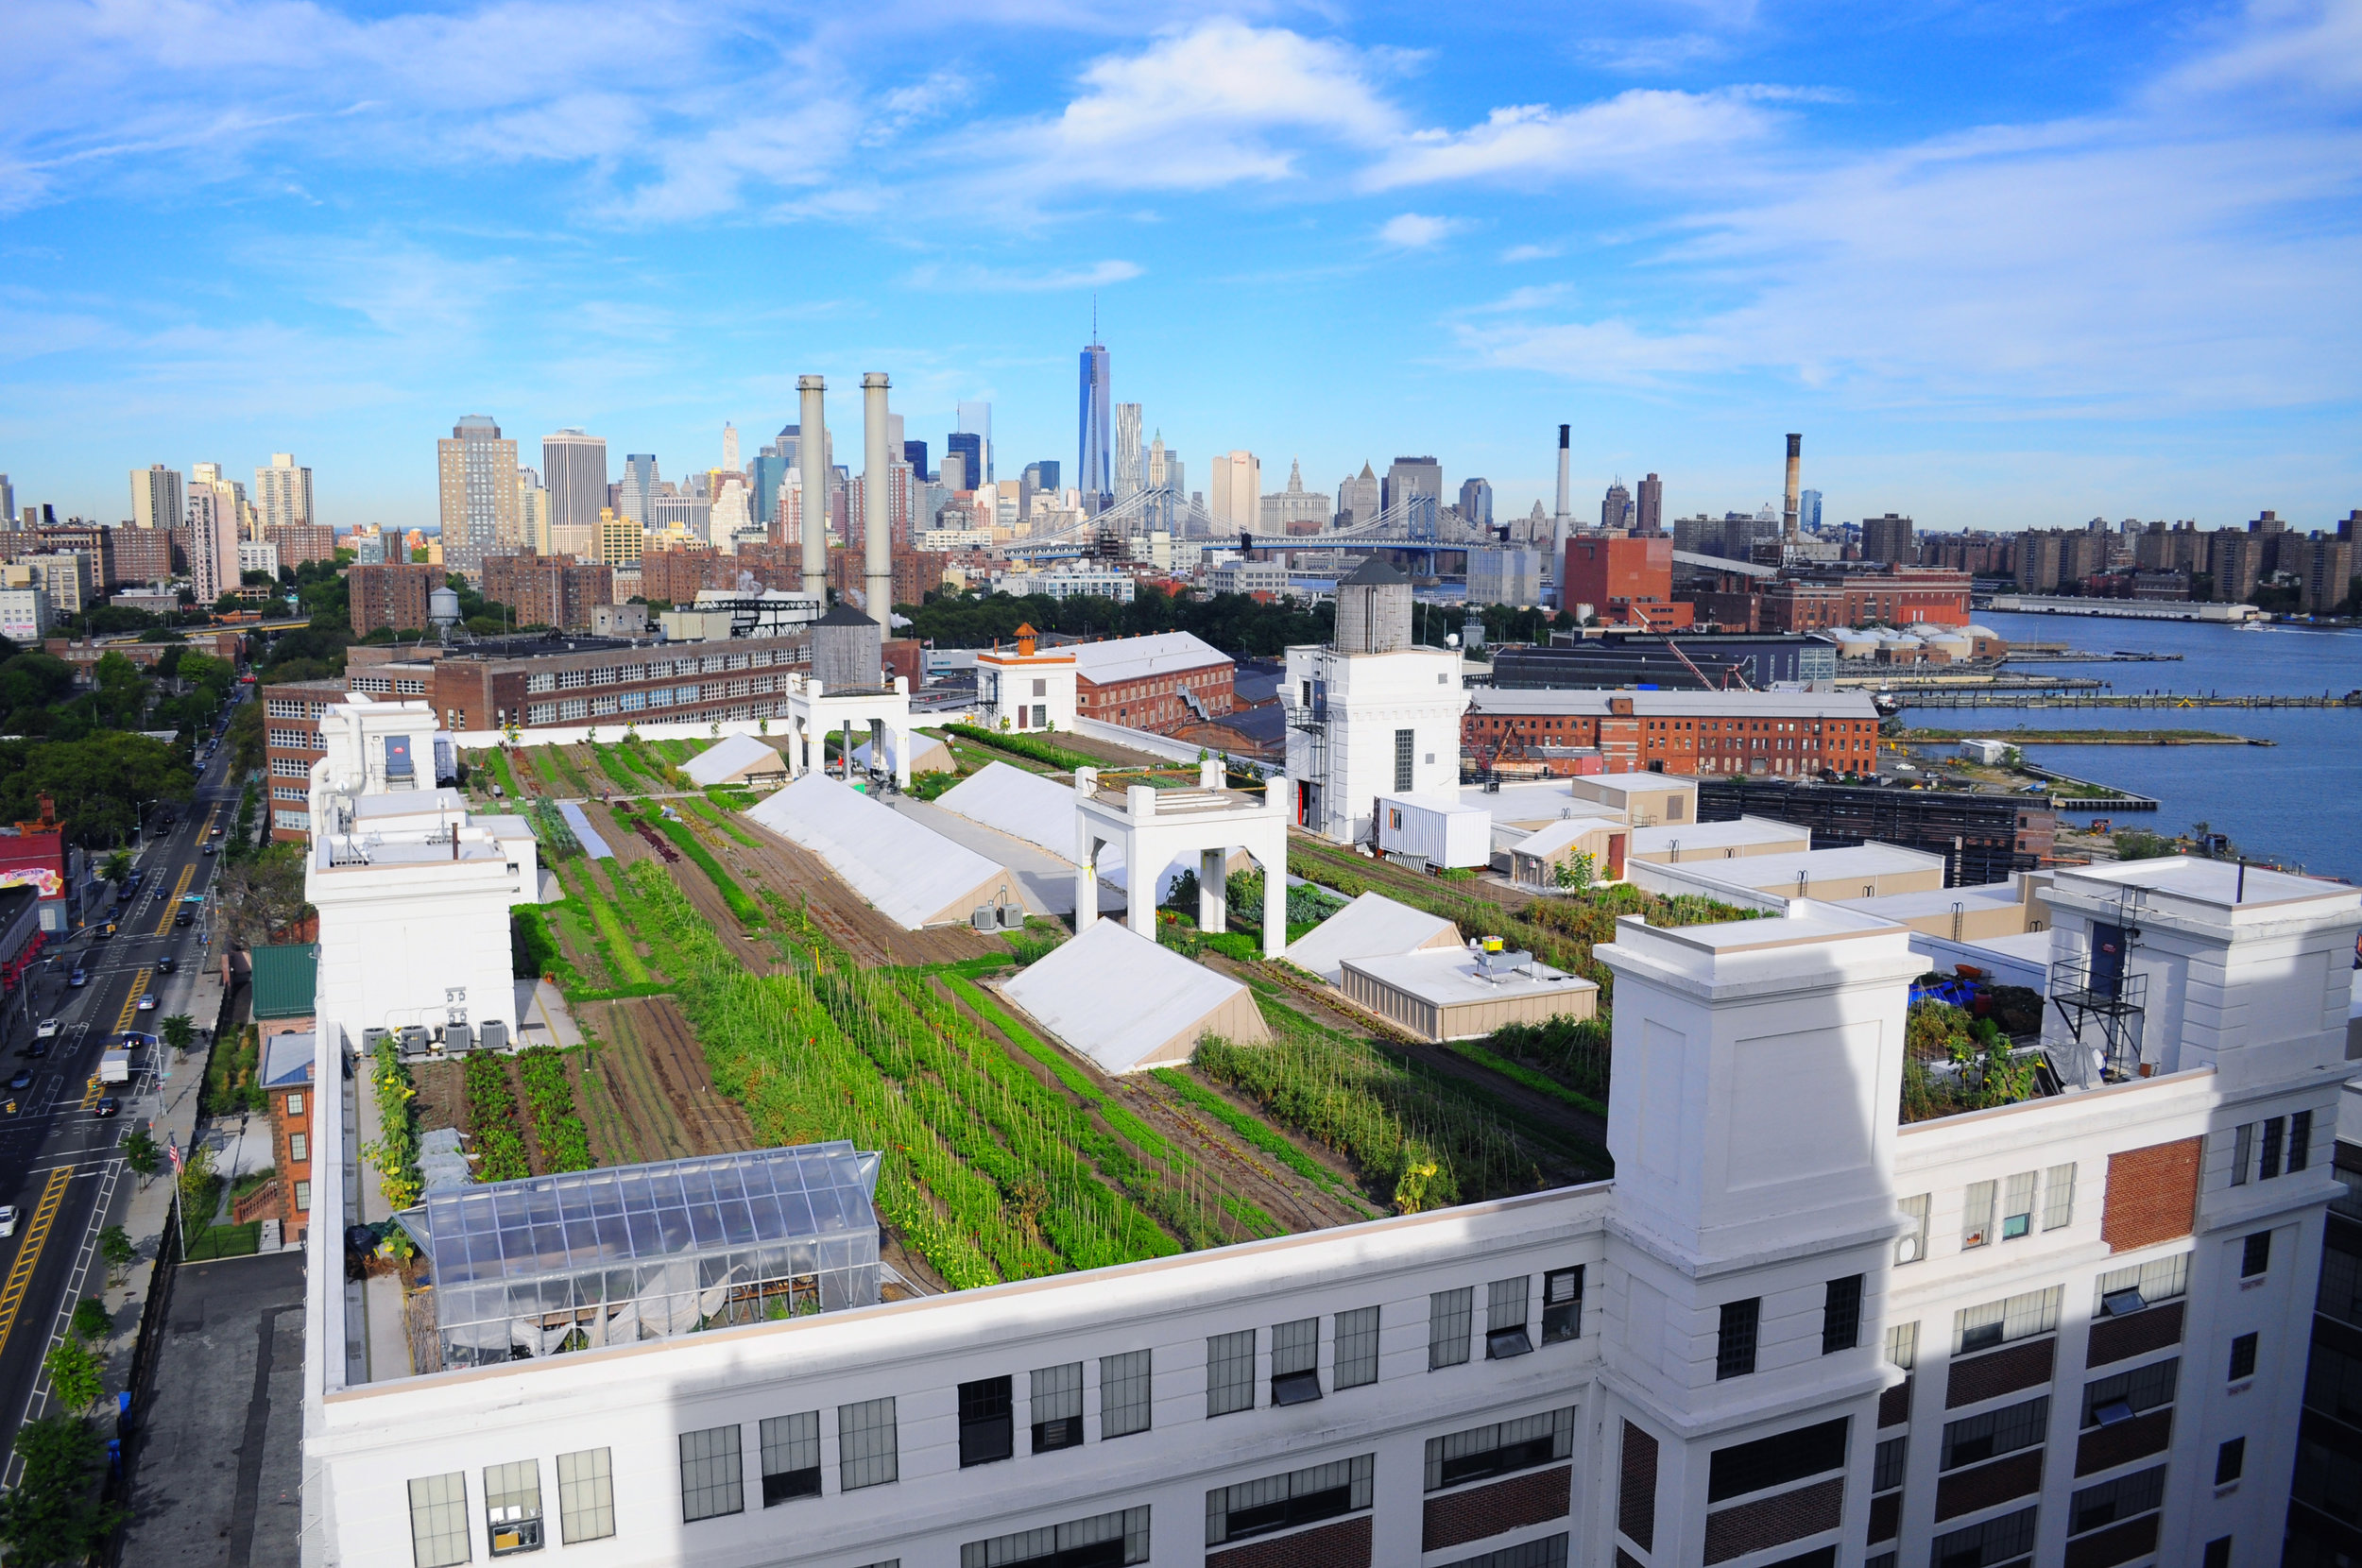 Brooklyn Navy Yard Farm, 1.5 acres